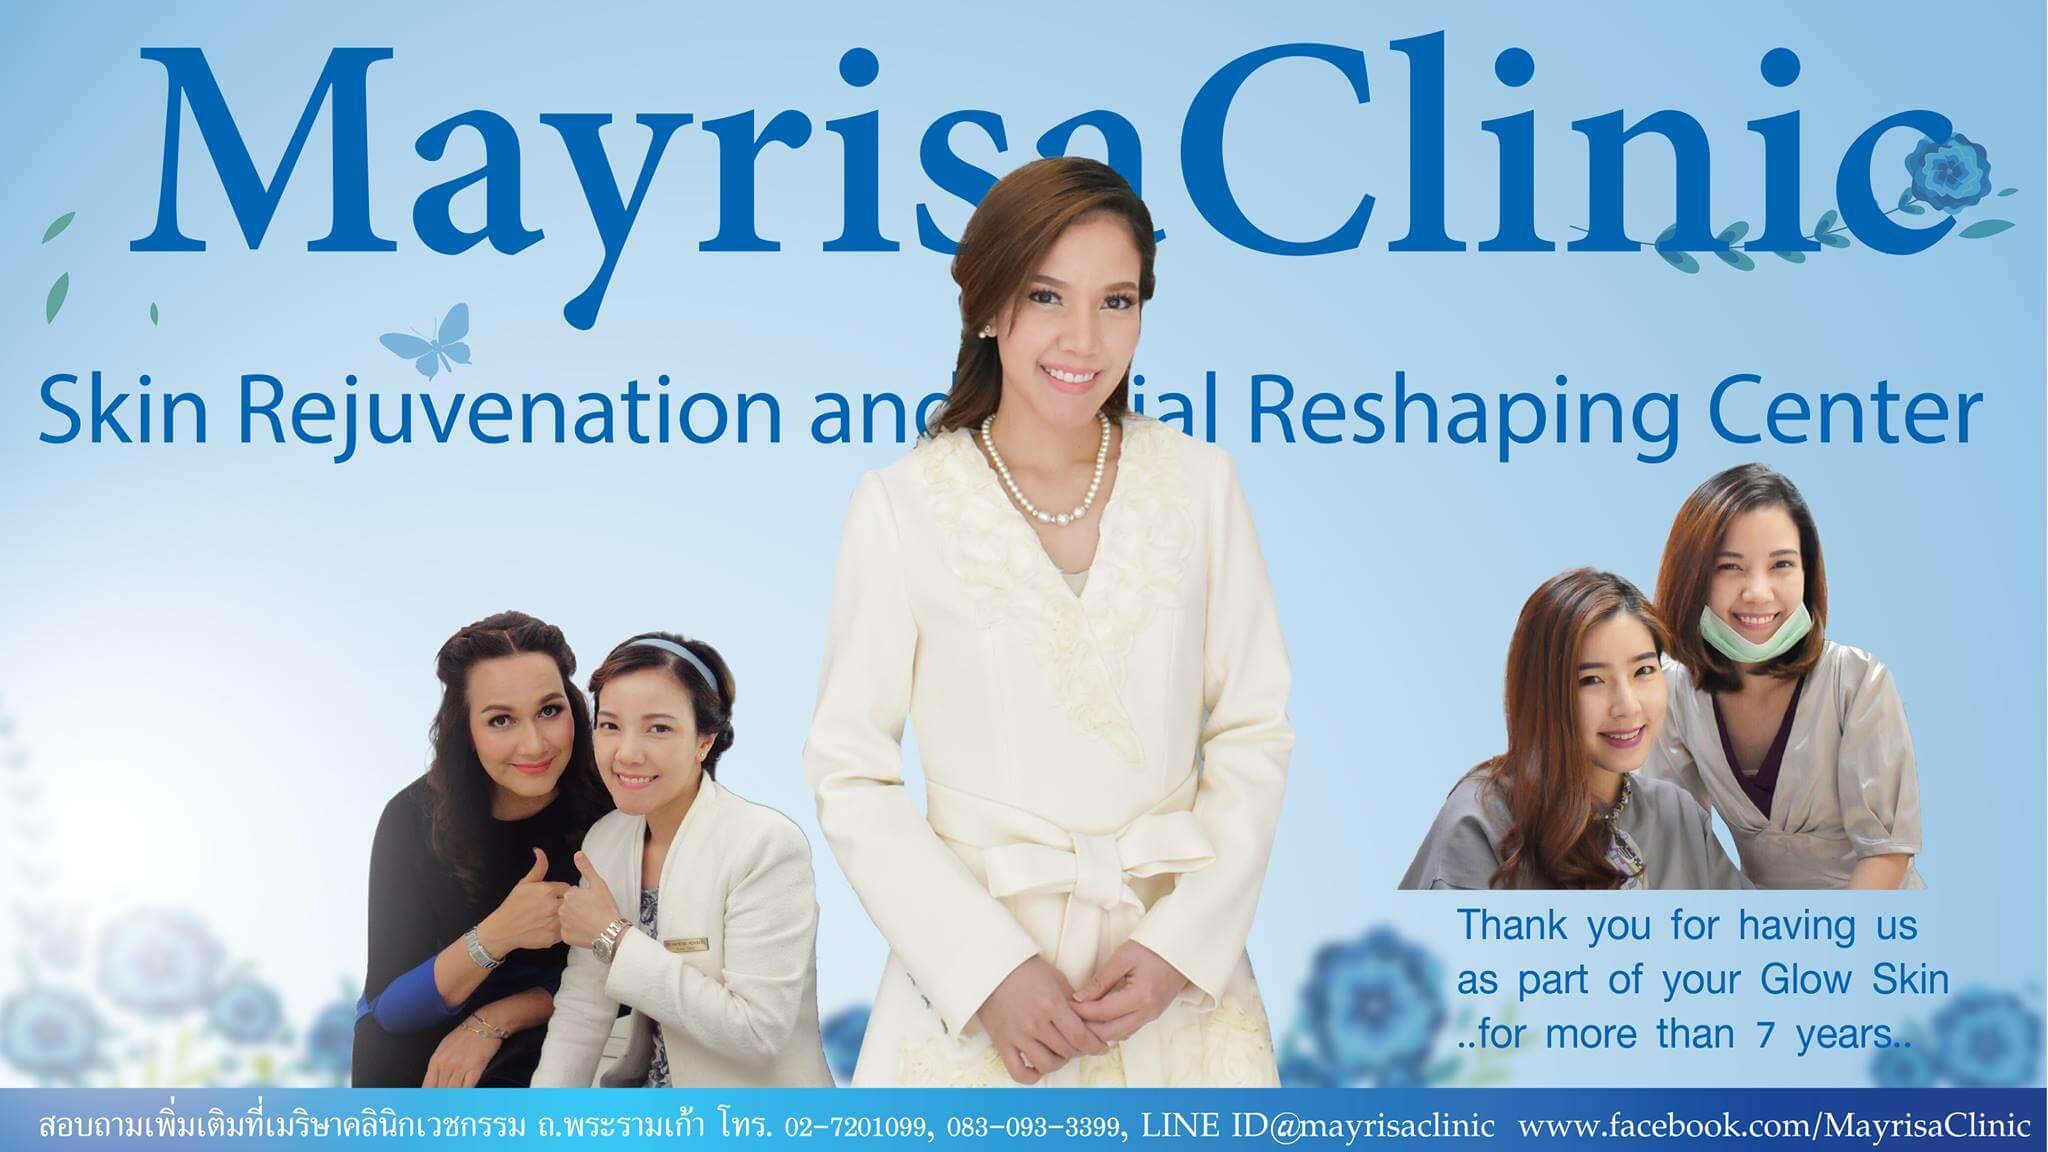 Mayrisa Clinic เลือกทํา Hifu ที่ไหนดี ไม่ใช่ปัญหาอีกต่อไป